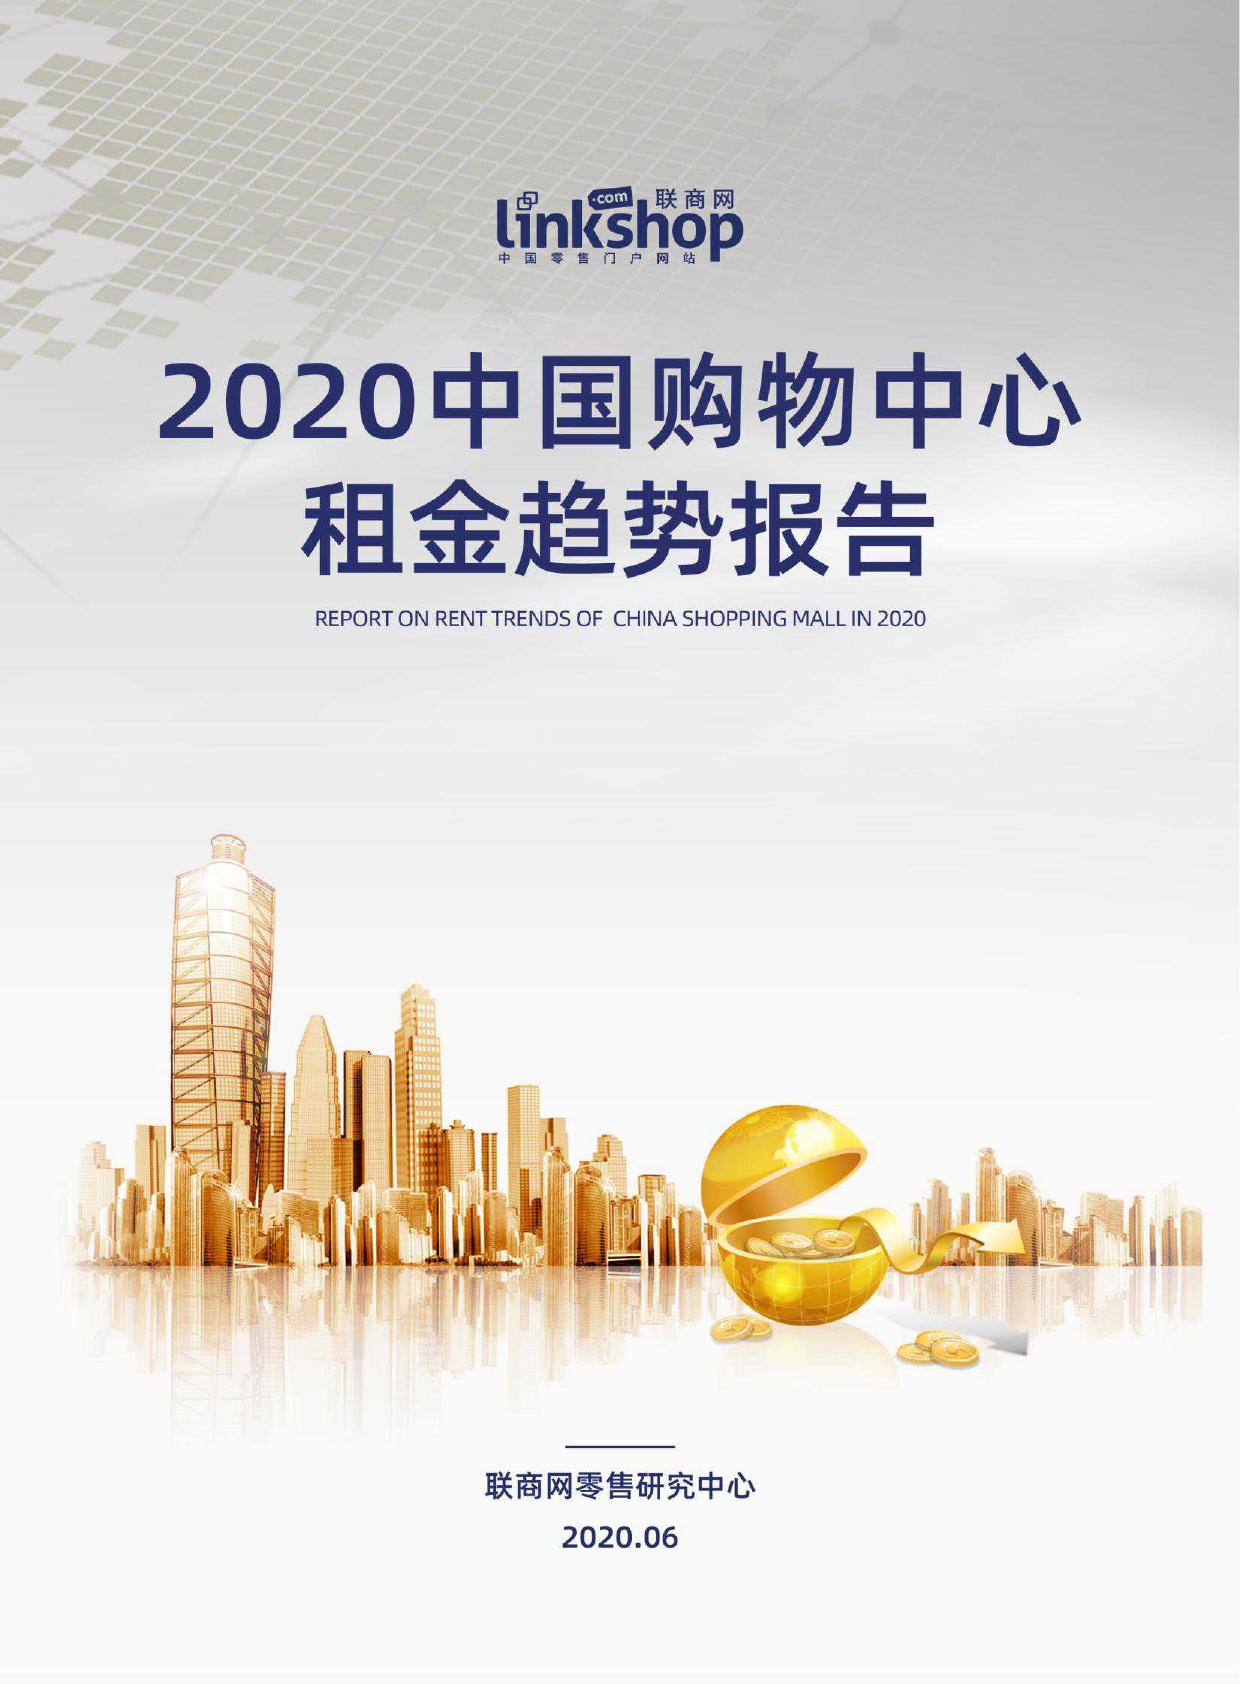 LinkShop:2020中国购物中心租金趋势报告(附下载)